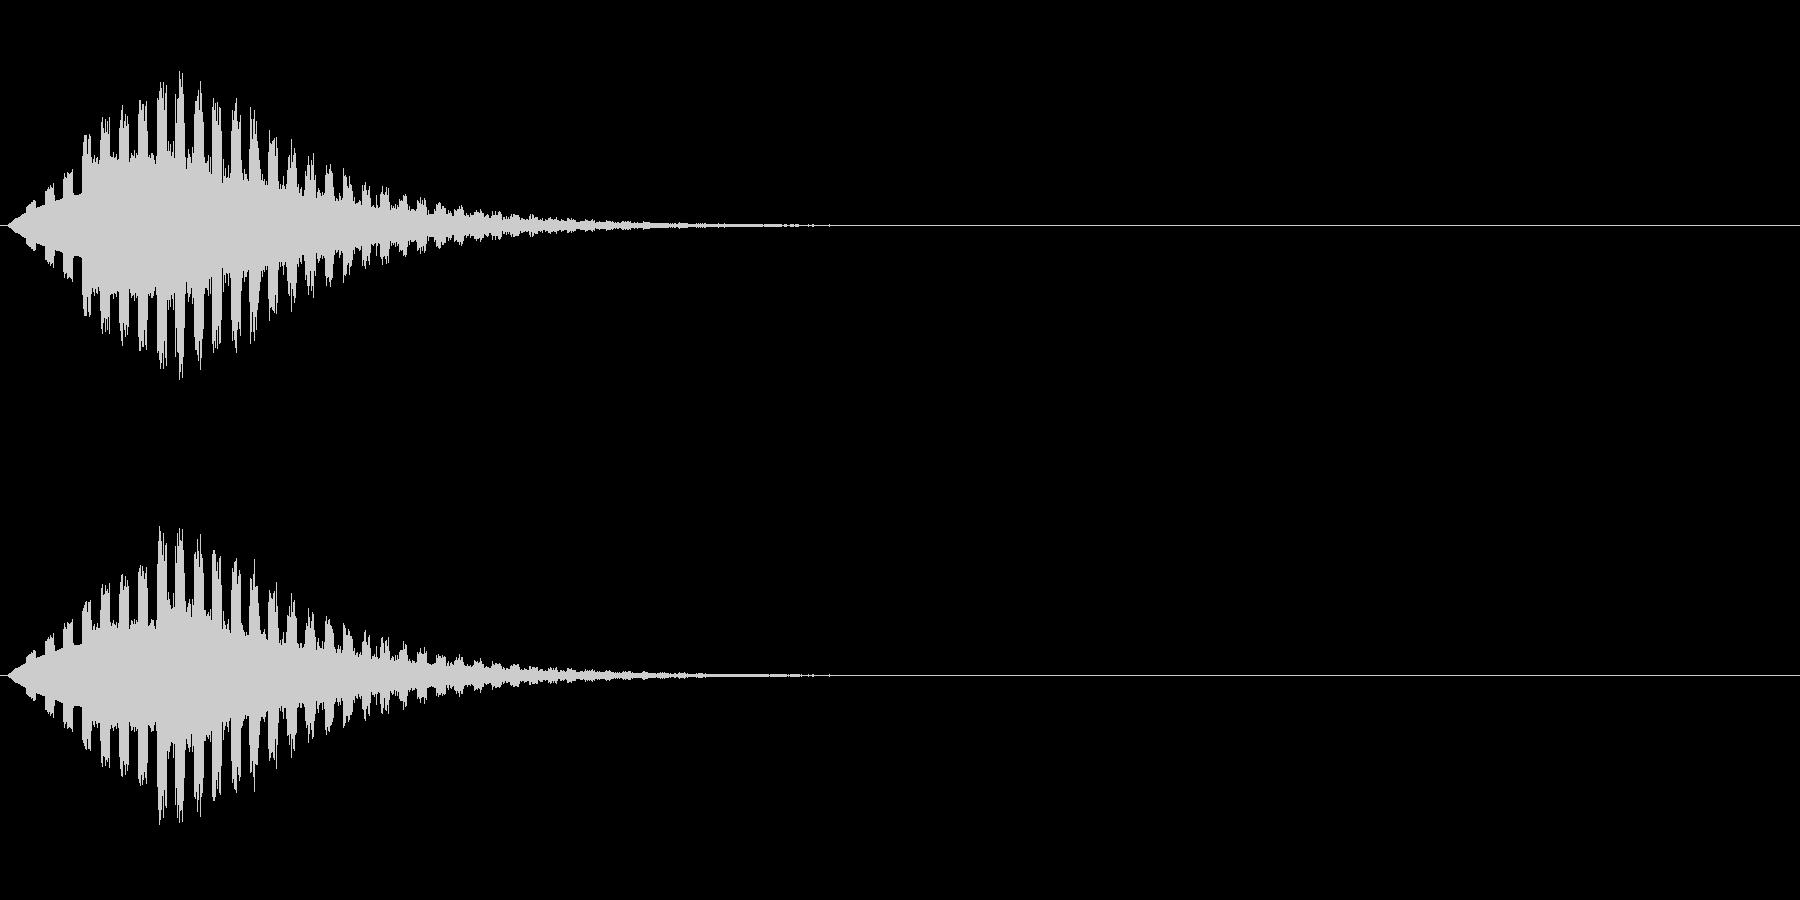 ヒューン↓(場面転換、流れ星、下降)の未再生の波形